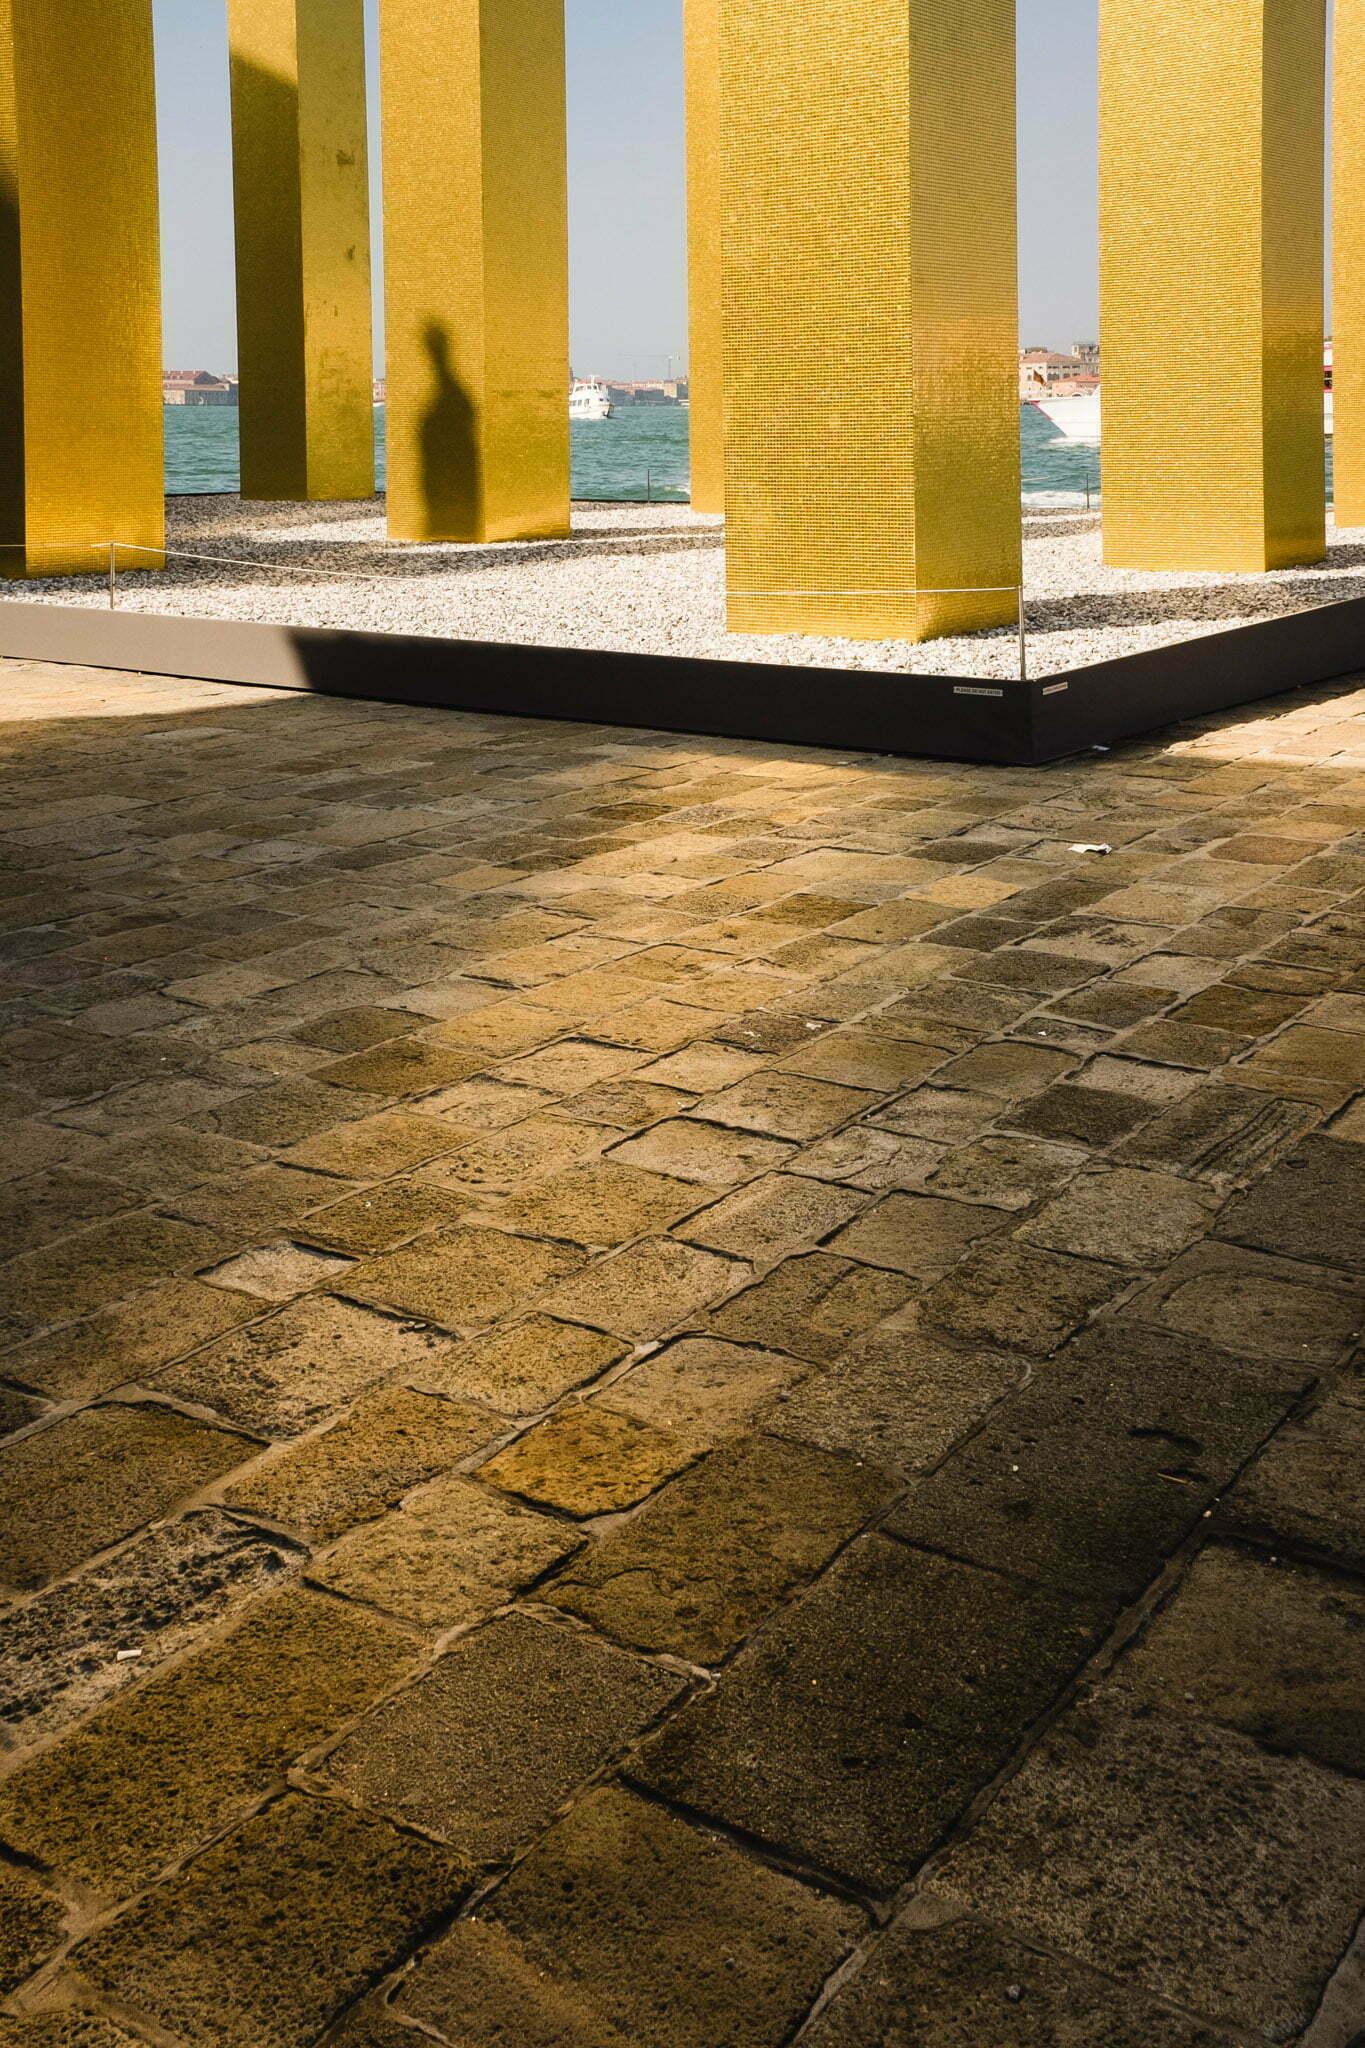 venice-architecture-biennale-2014-golden-columns-7776